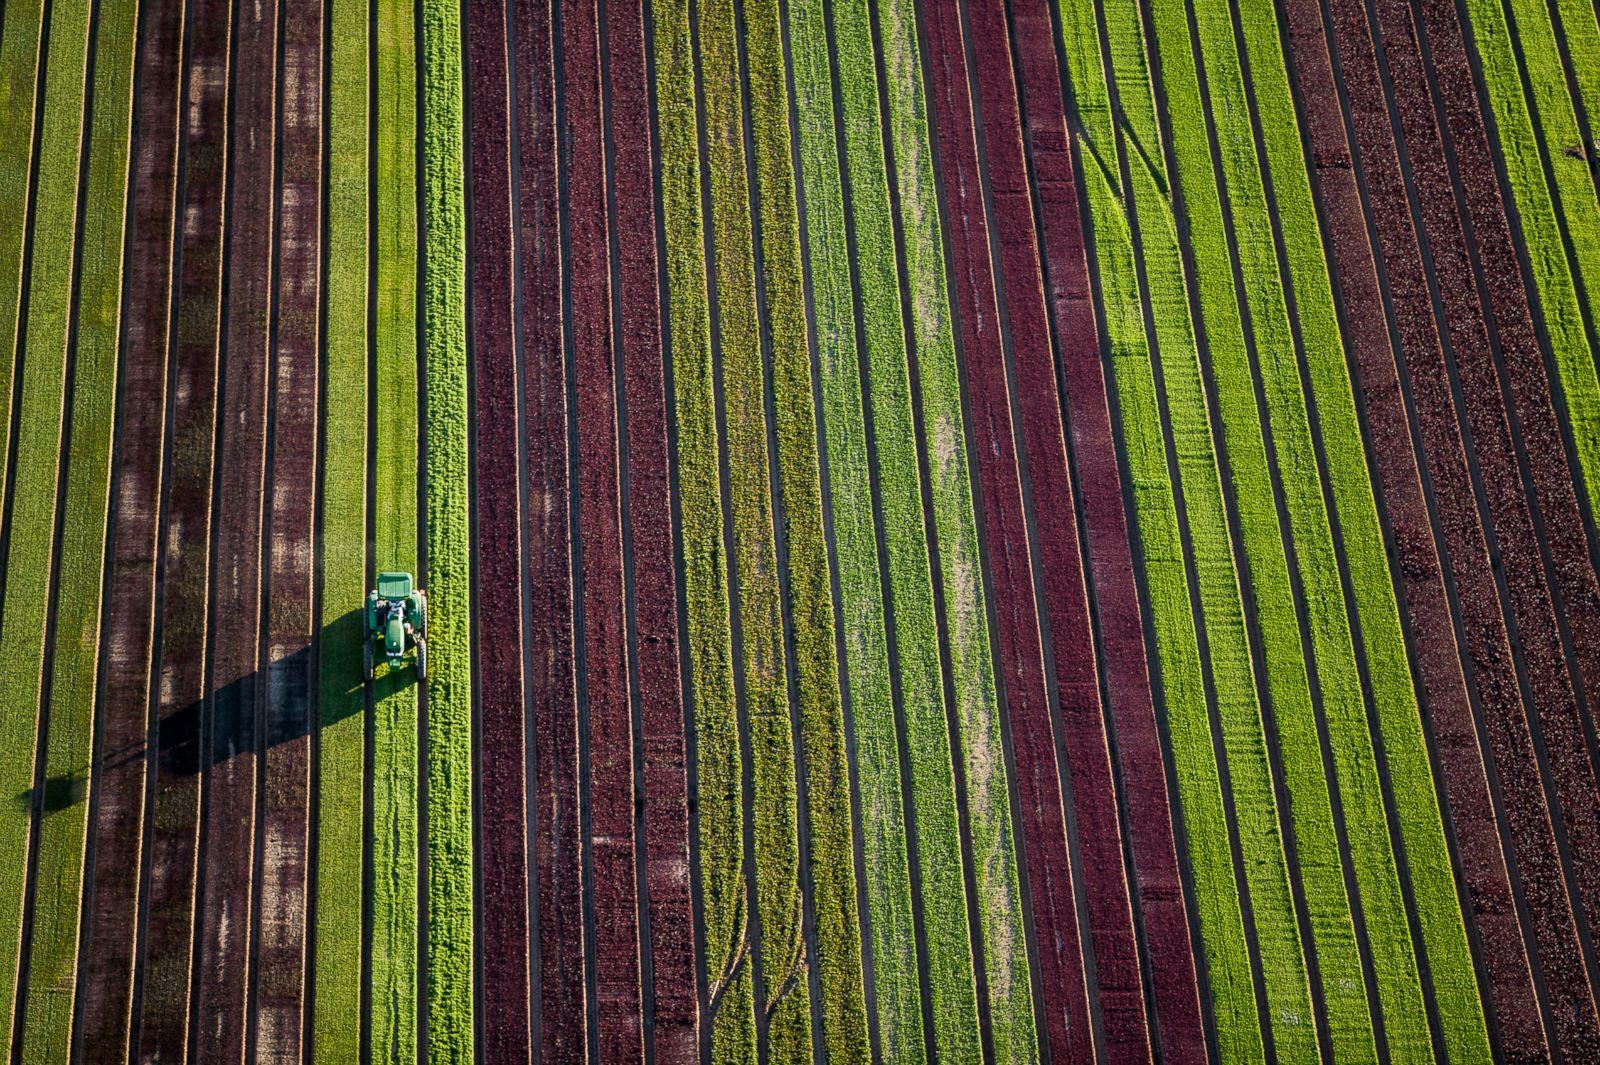 Strips in fields in Goodyear, Arizona